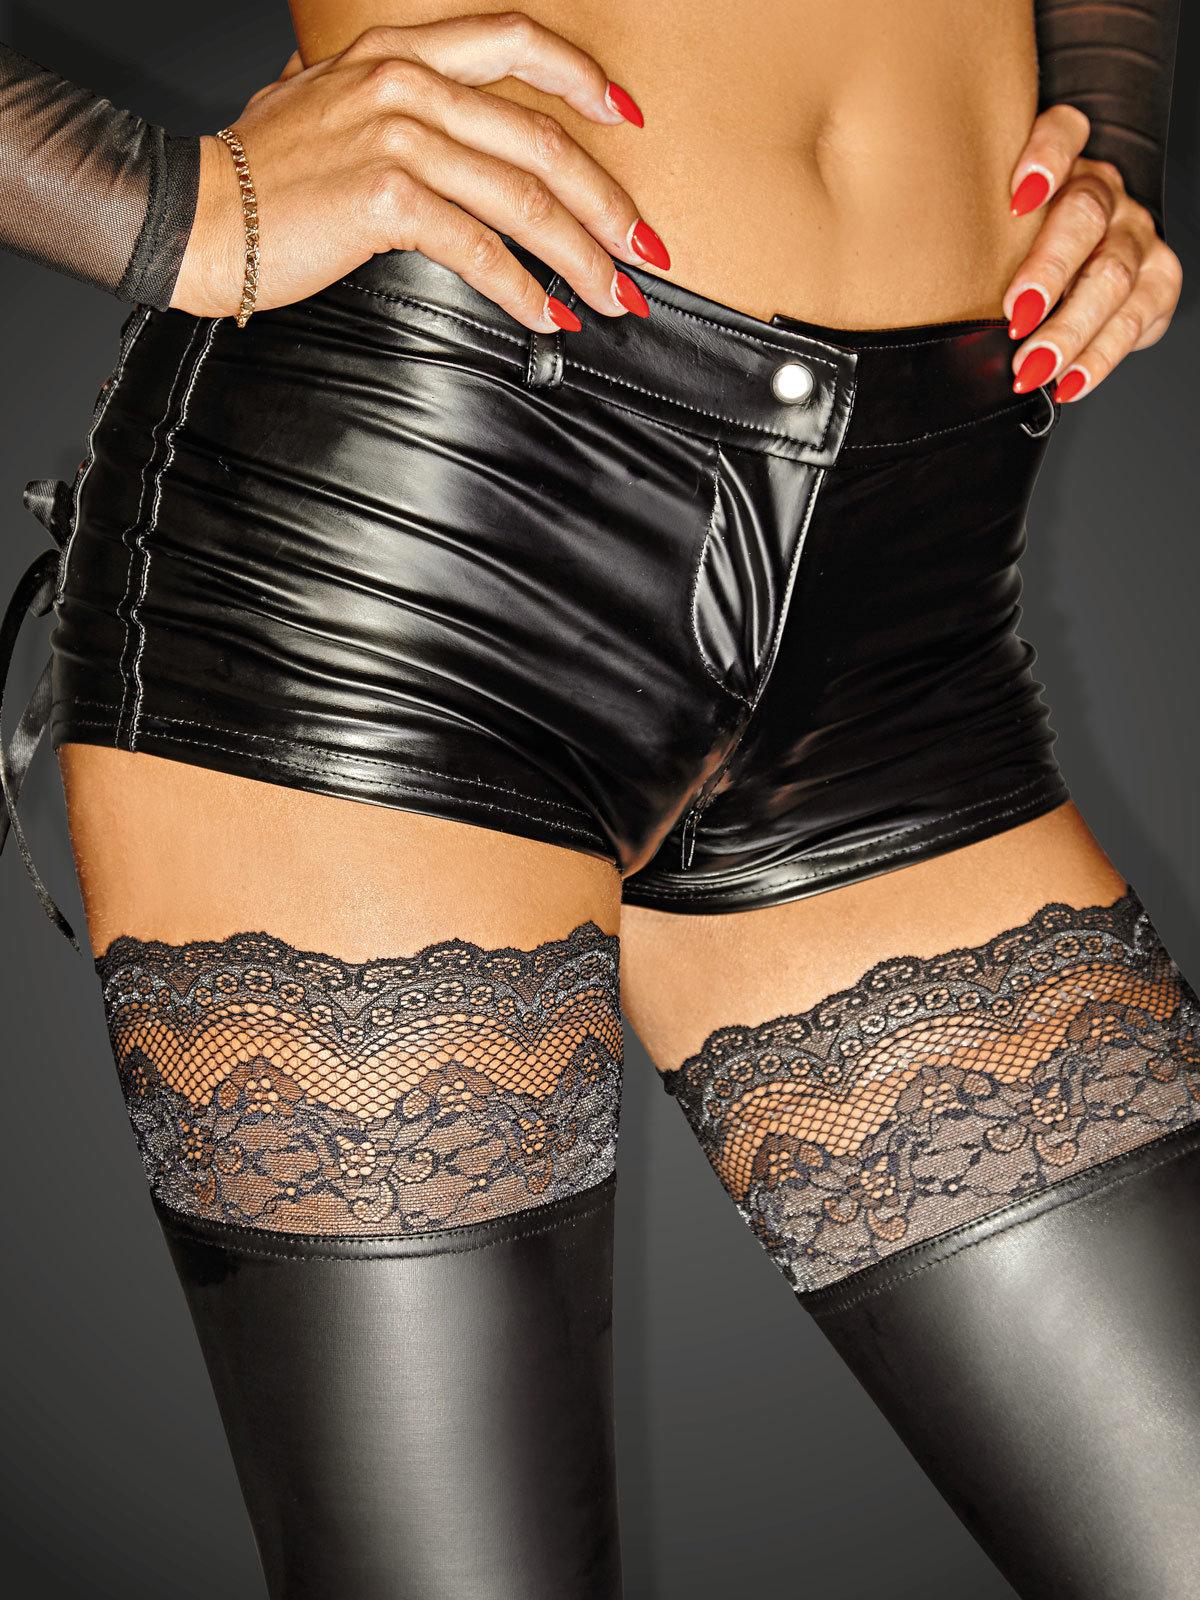 Chilot Zipper Negru de la Noir Handmade